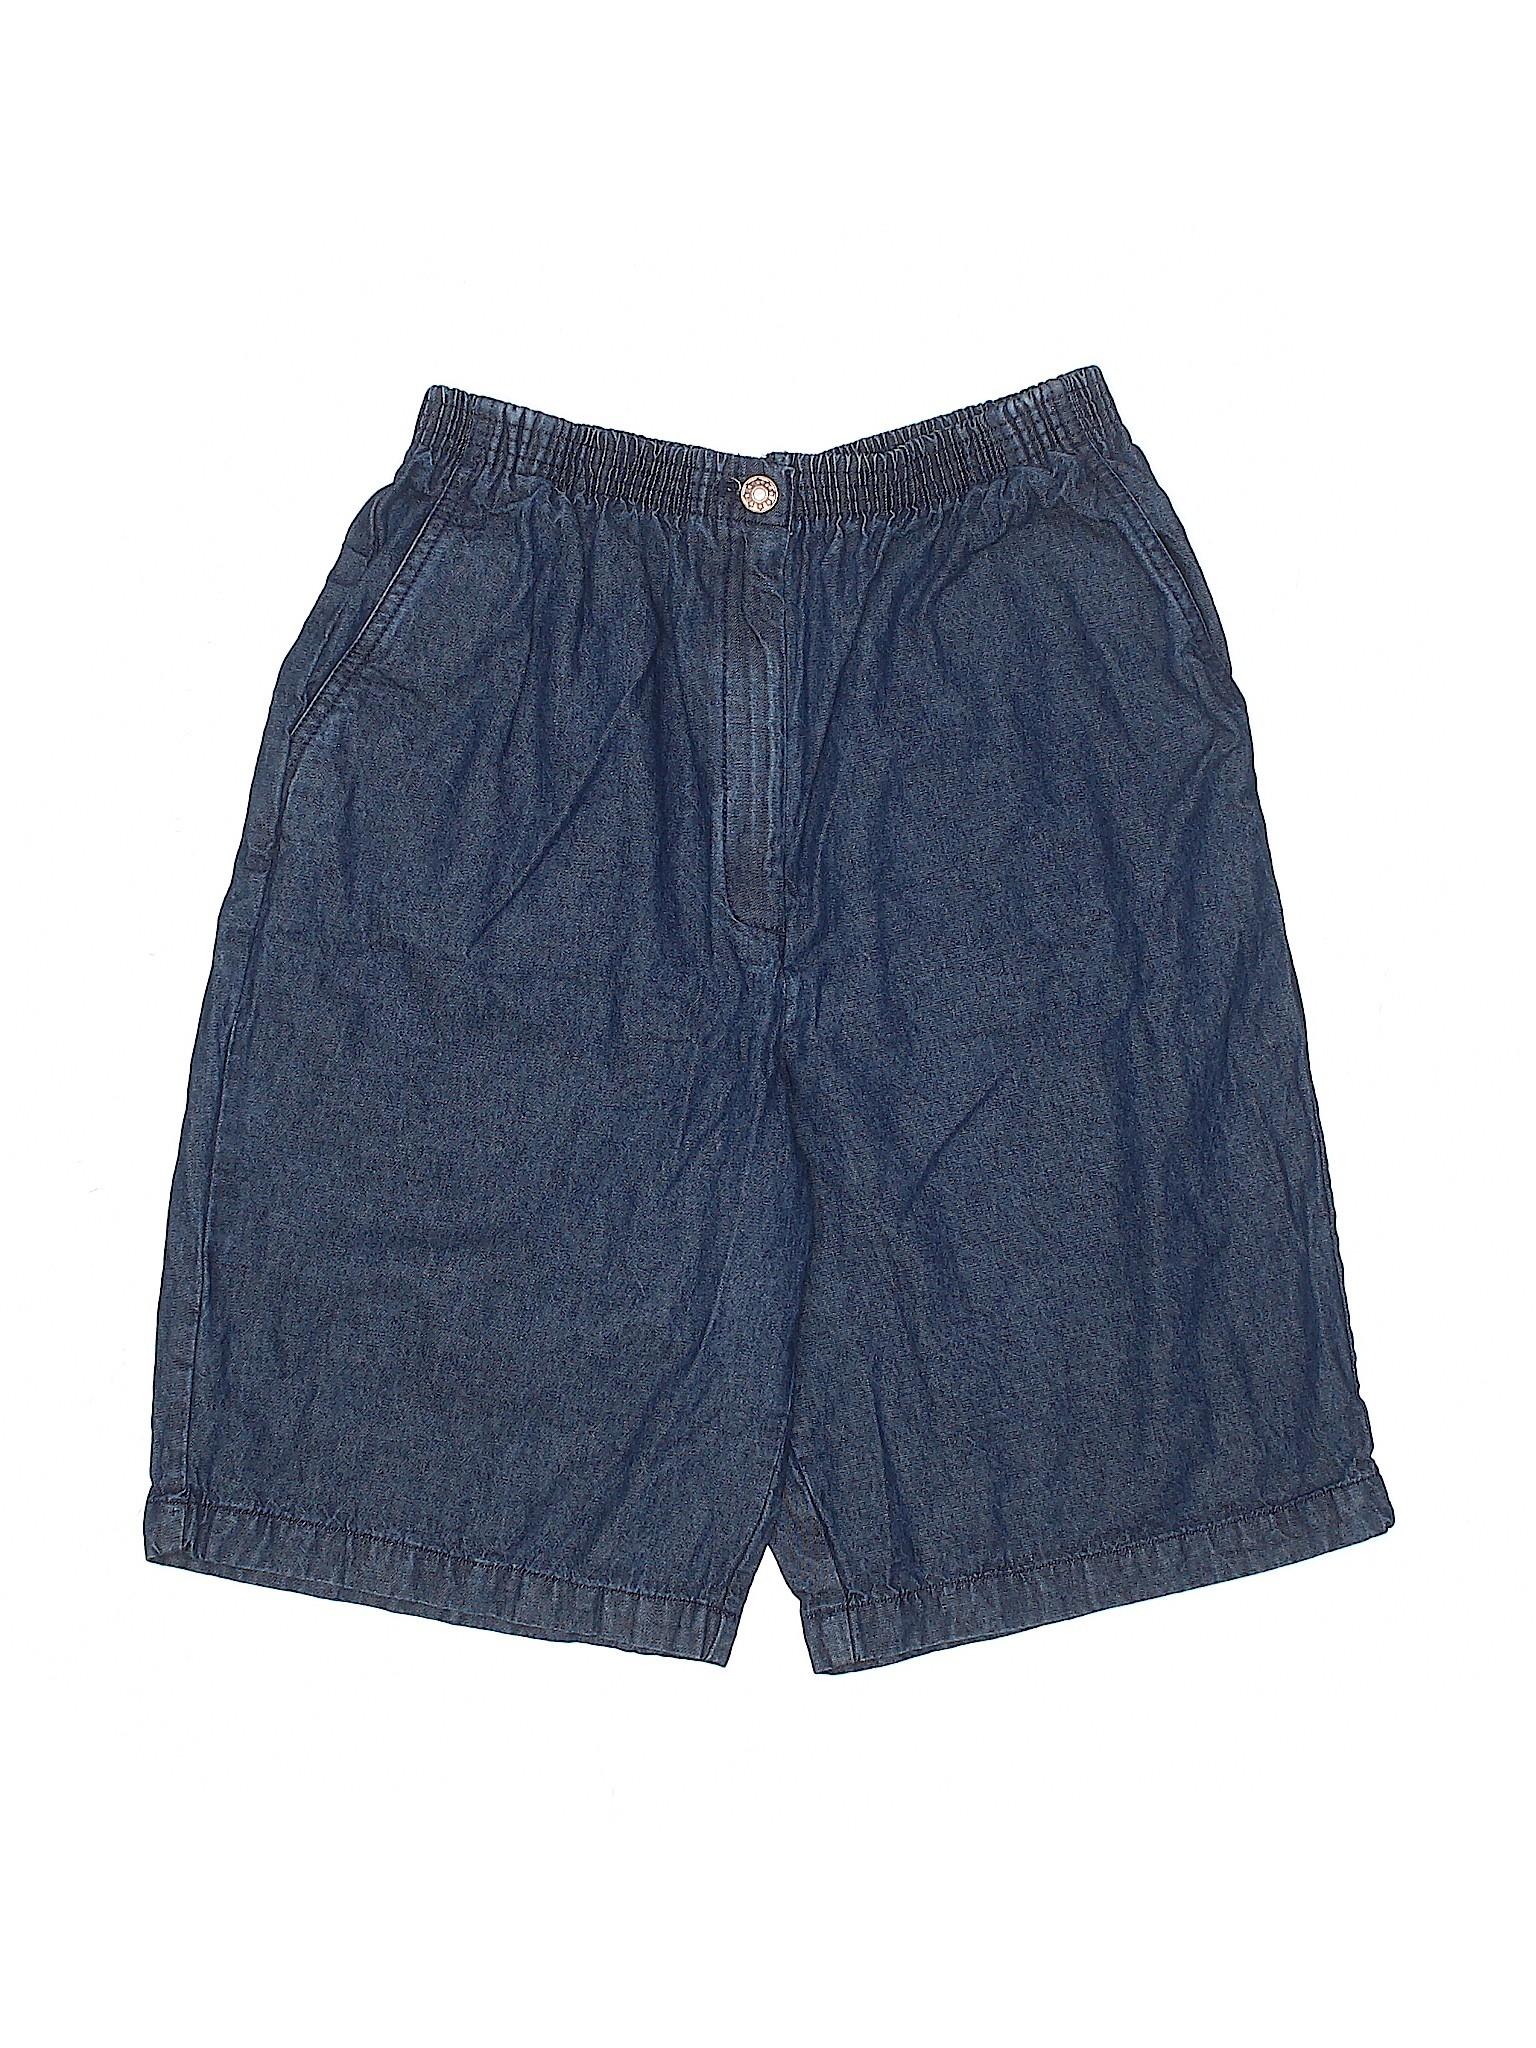 Boutique Blair leisure Denim Blair Shorts Denim Shorts Boutique leisure Boutique leisure AHwArqS